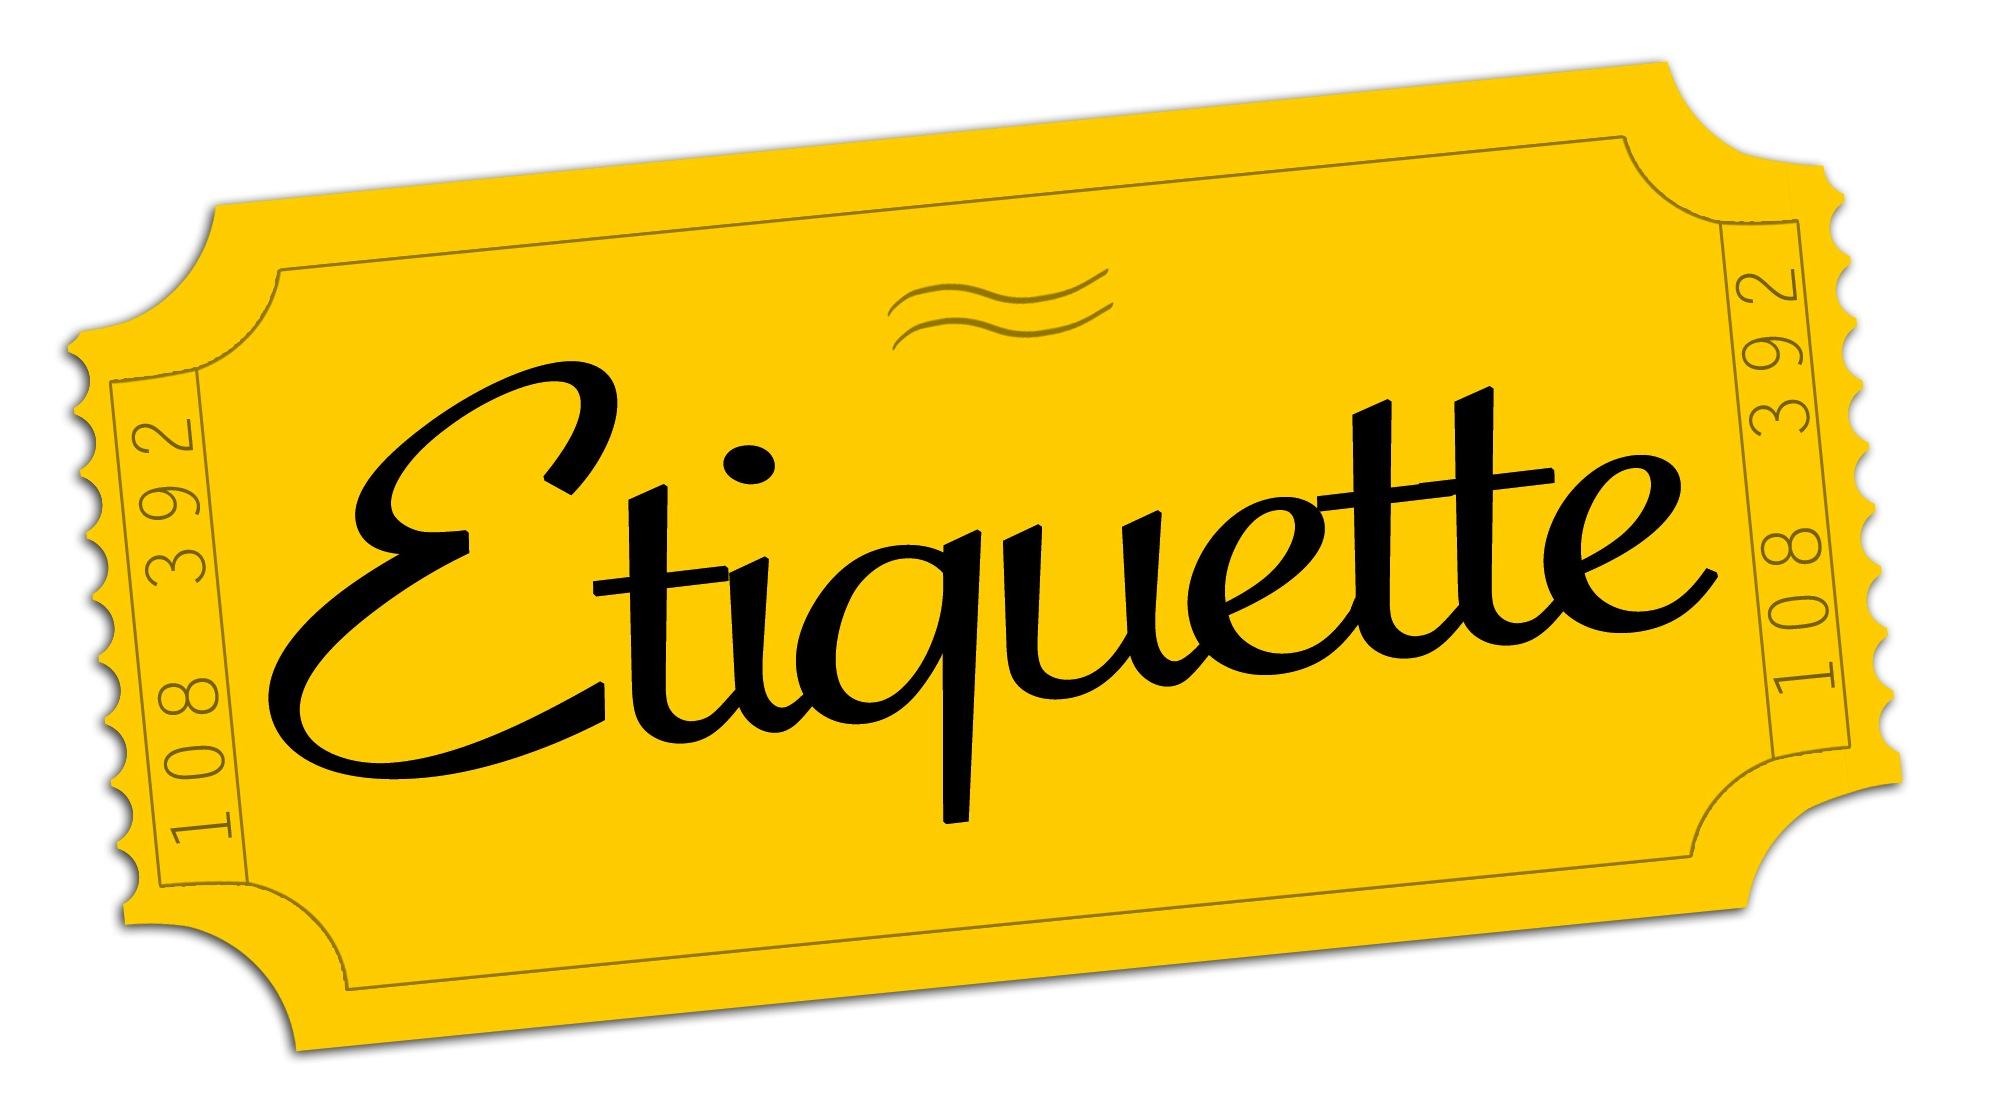 Column: Etiquette.